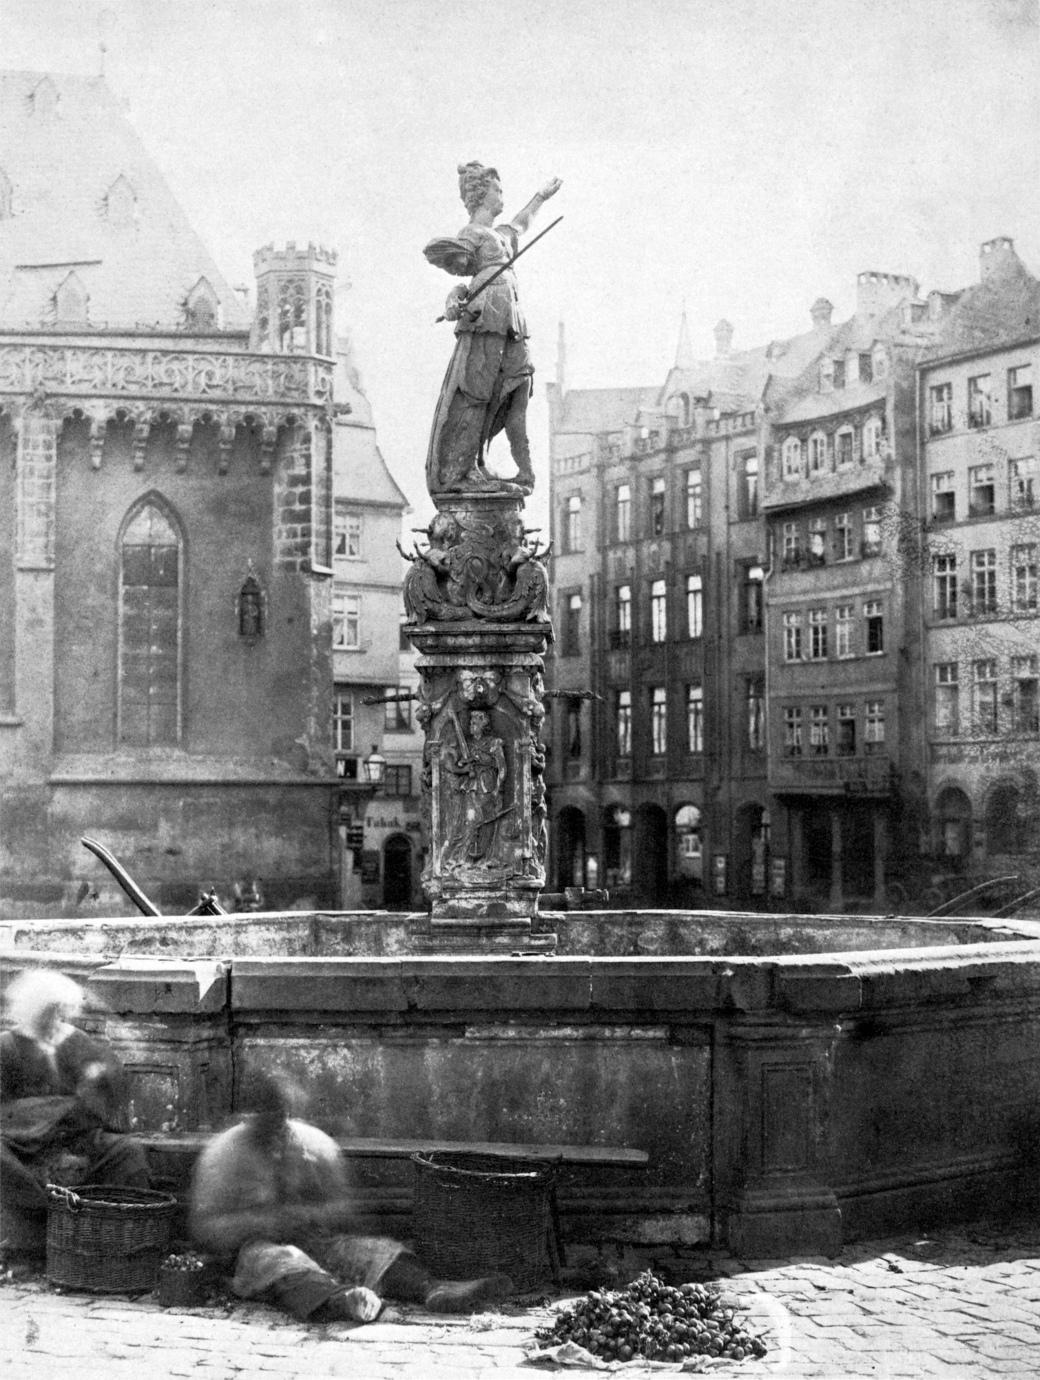 Frankfurt_Am_Main-Gerechtigkeitsbrunnen_von_Nordosten-Carl_Friedrich_Mylius-um_1865